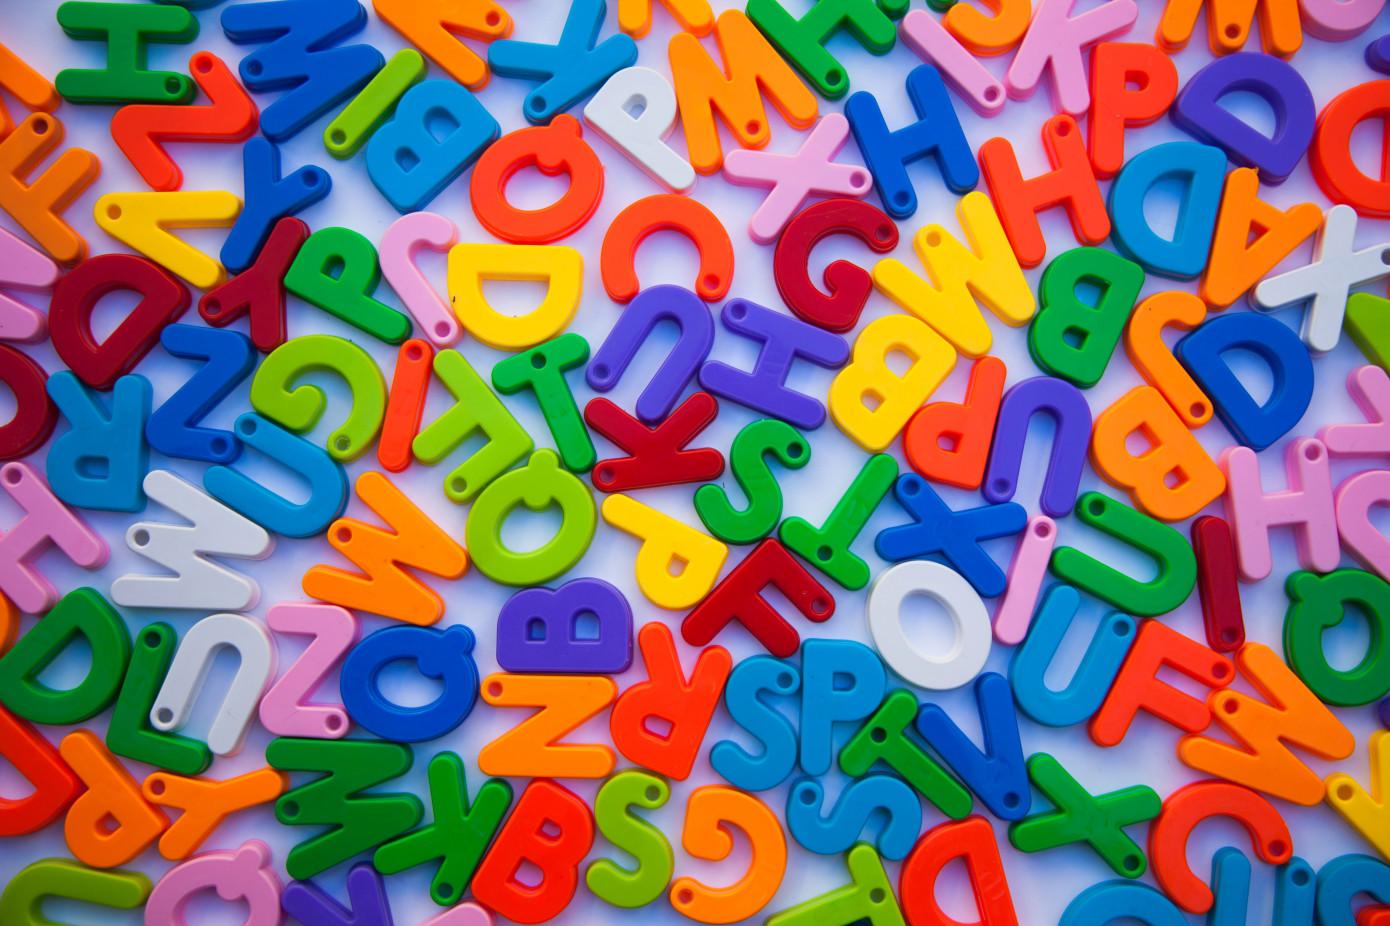 El nuevo corrector gramatical de la IA de Google ya está disponible en Google Docs